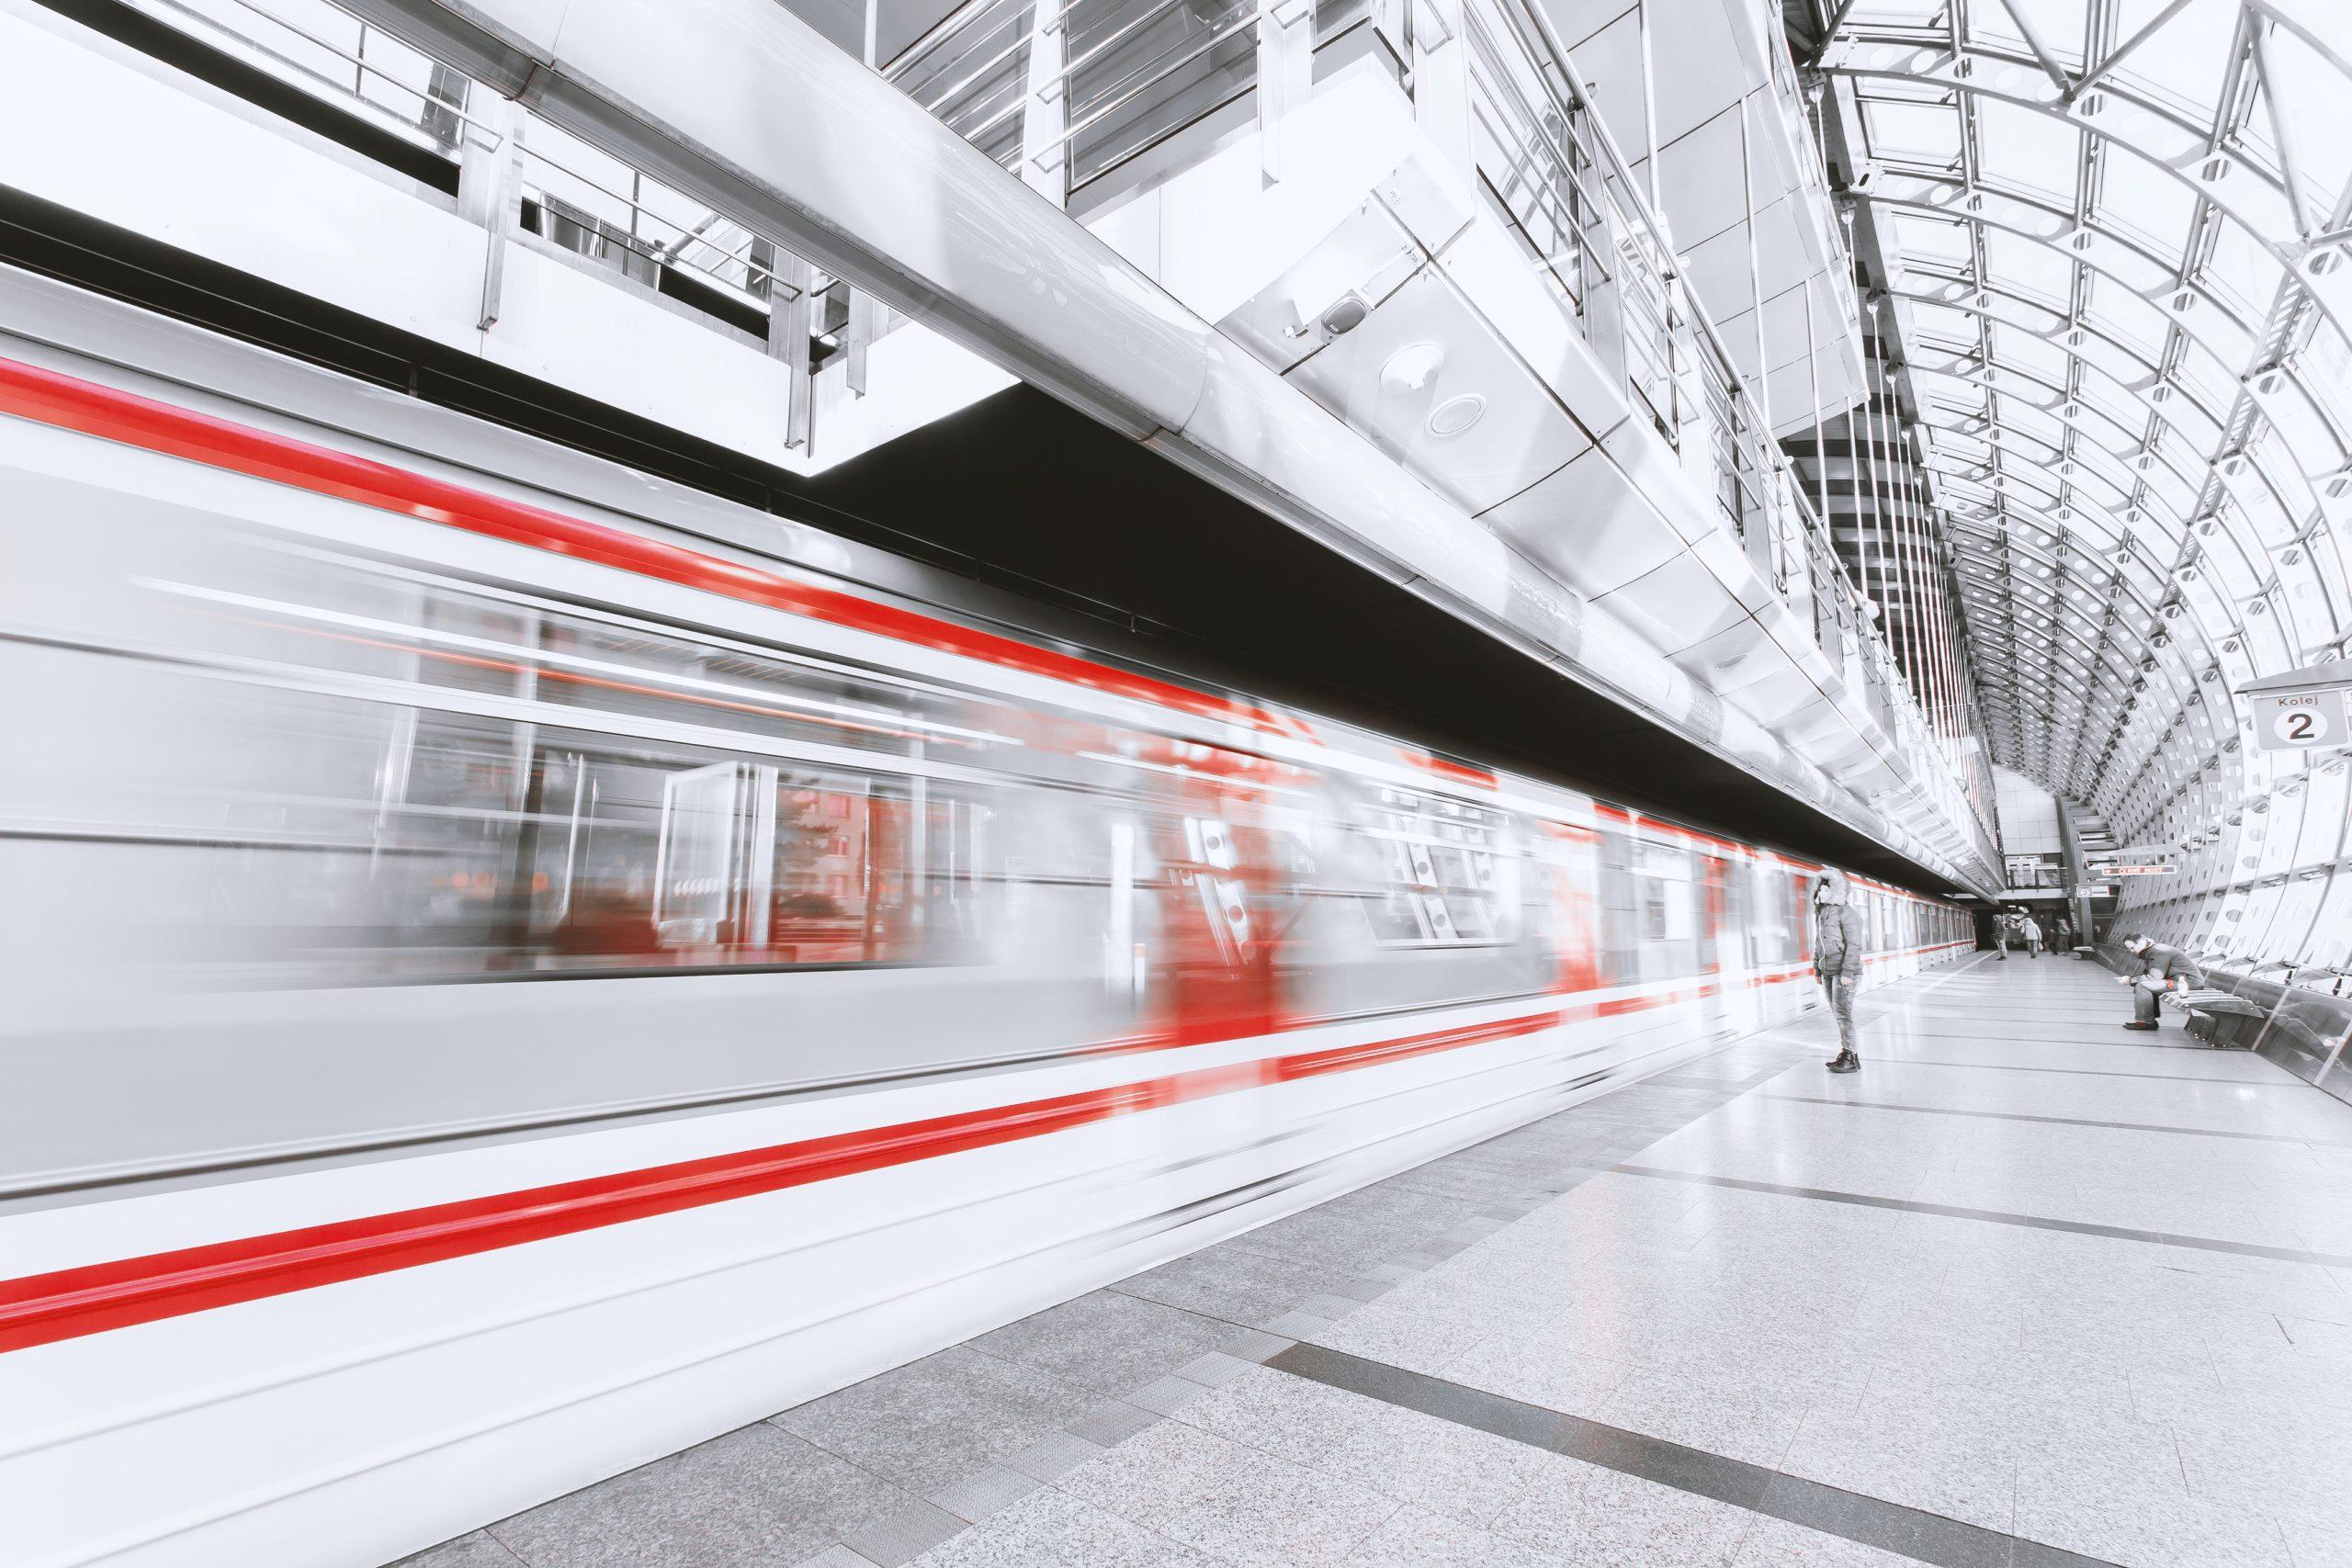 Imagen tren de alta velocidad